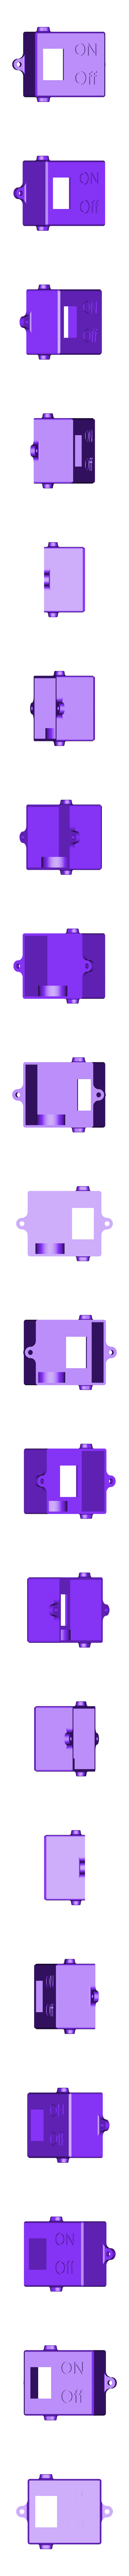 PWRFuse.stl Télécharger fichier STL gratuit Boîtier d'alimentation avec fusible pour montage en surface plate extérieure et cordon d'alimentation ordinaire à deux fils. • Plan à imprimer en 3D, glassy